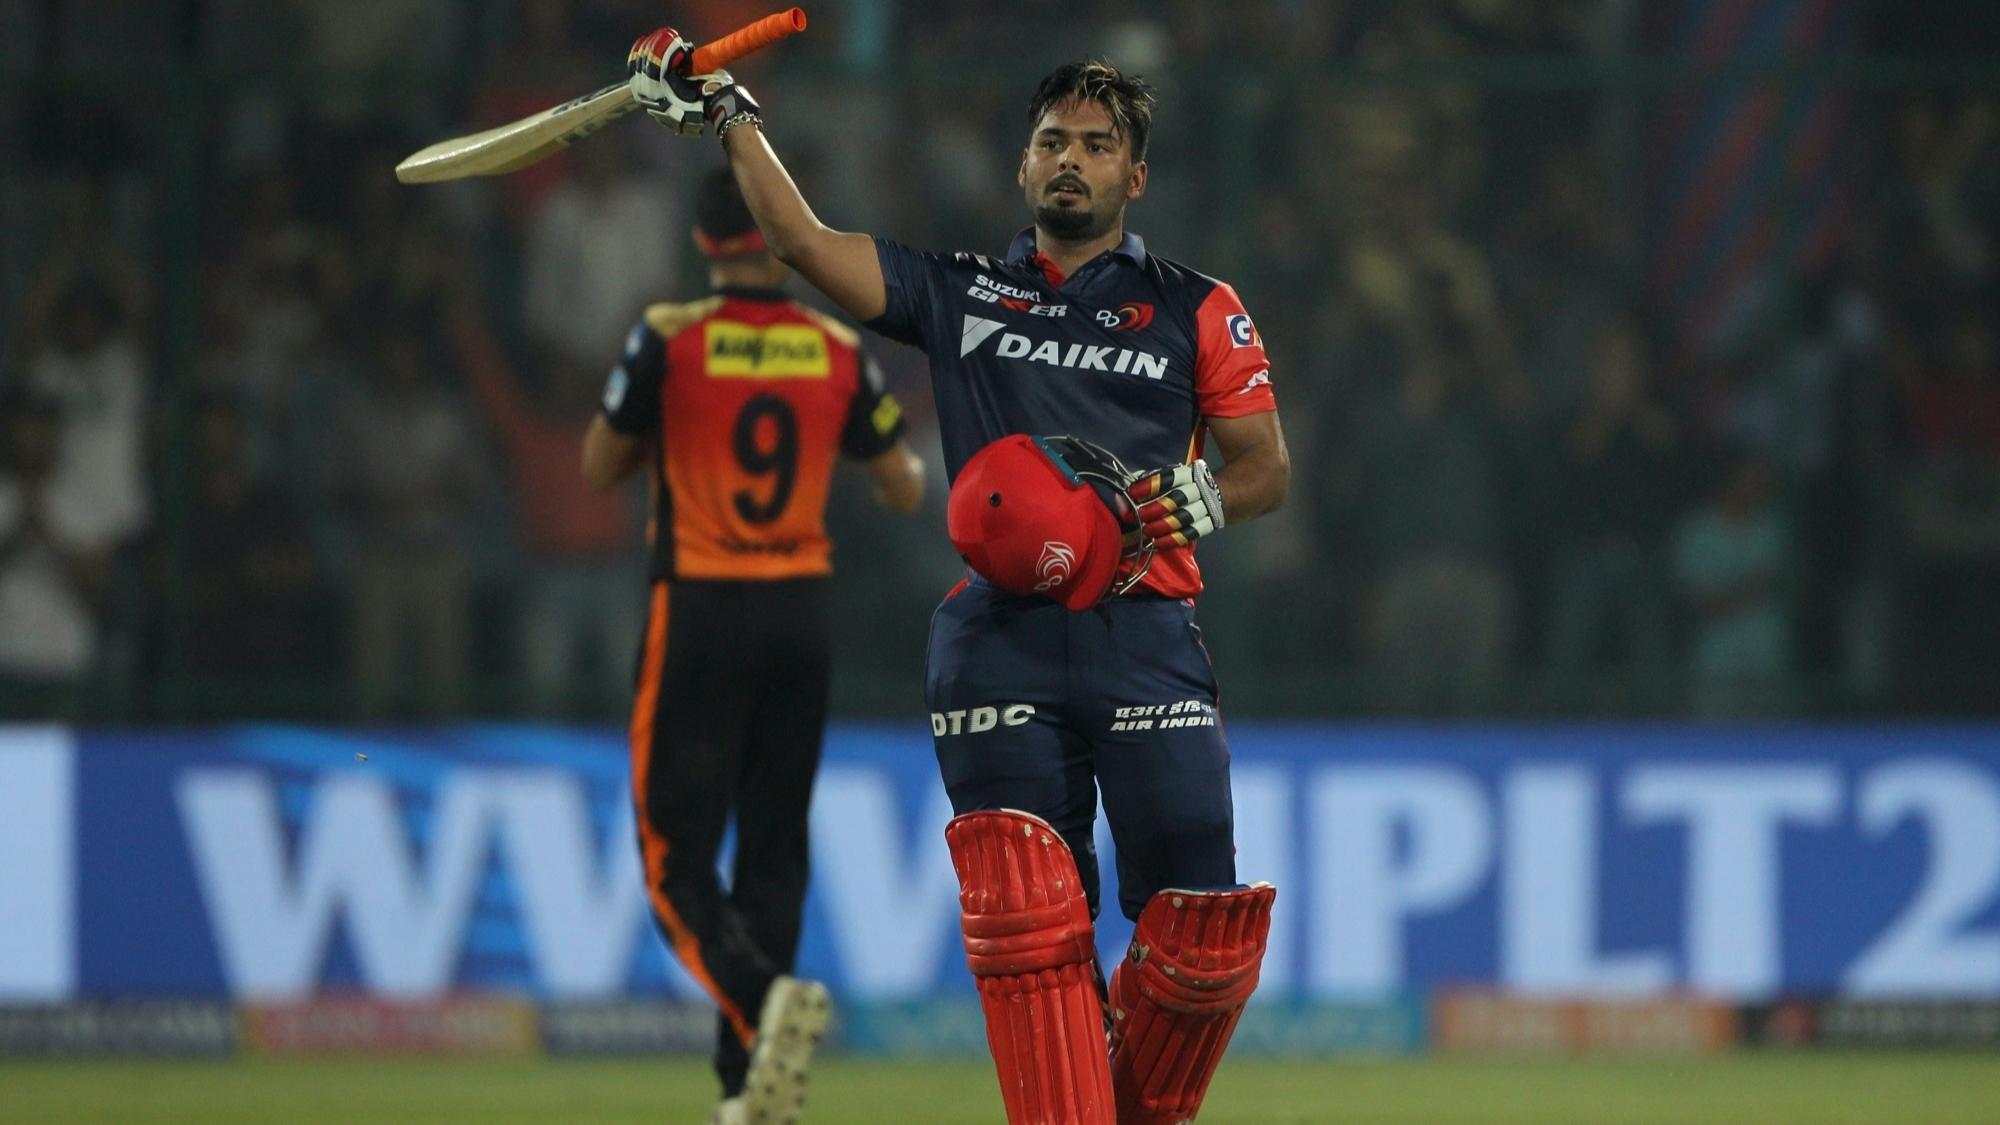 IPL 2018 : बॉलीवुड एक्टर सुनील शेट्टी ने भारतीय चयनकर्ताओं से ऋषभ पंत पर ध्यान पर देने को कहा